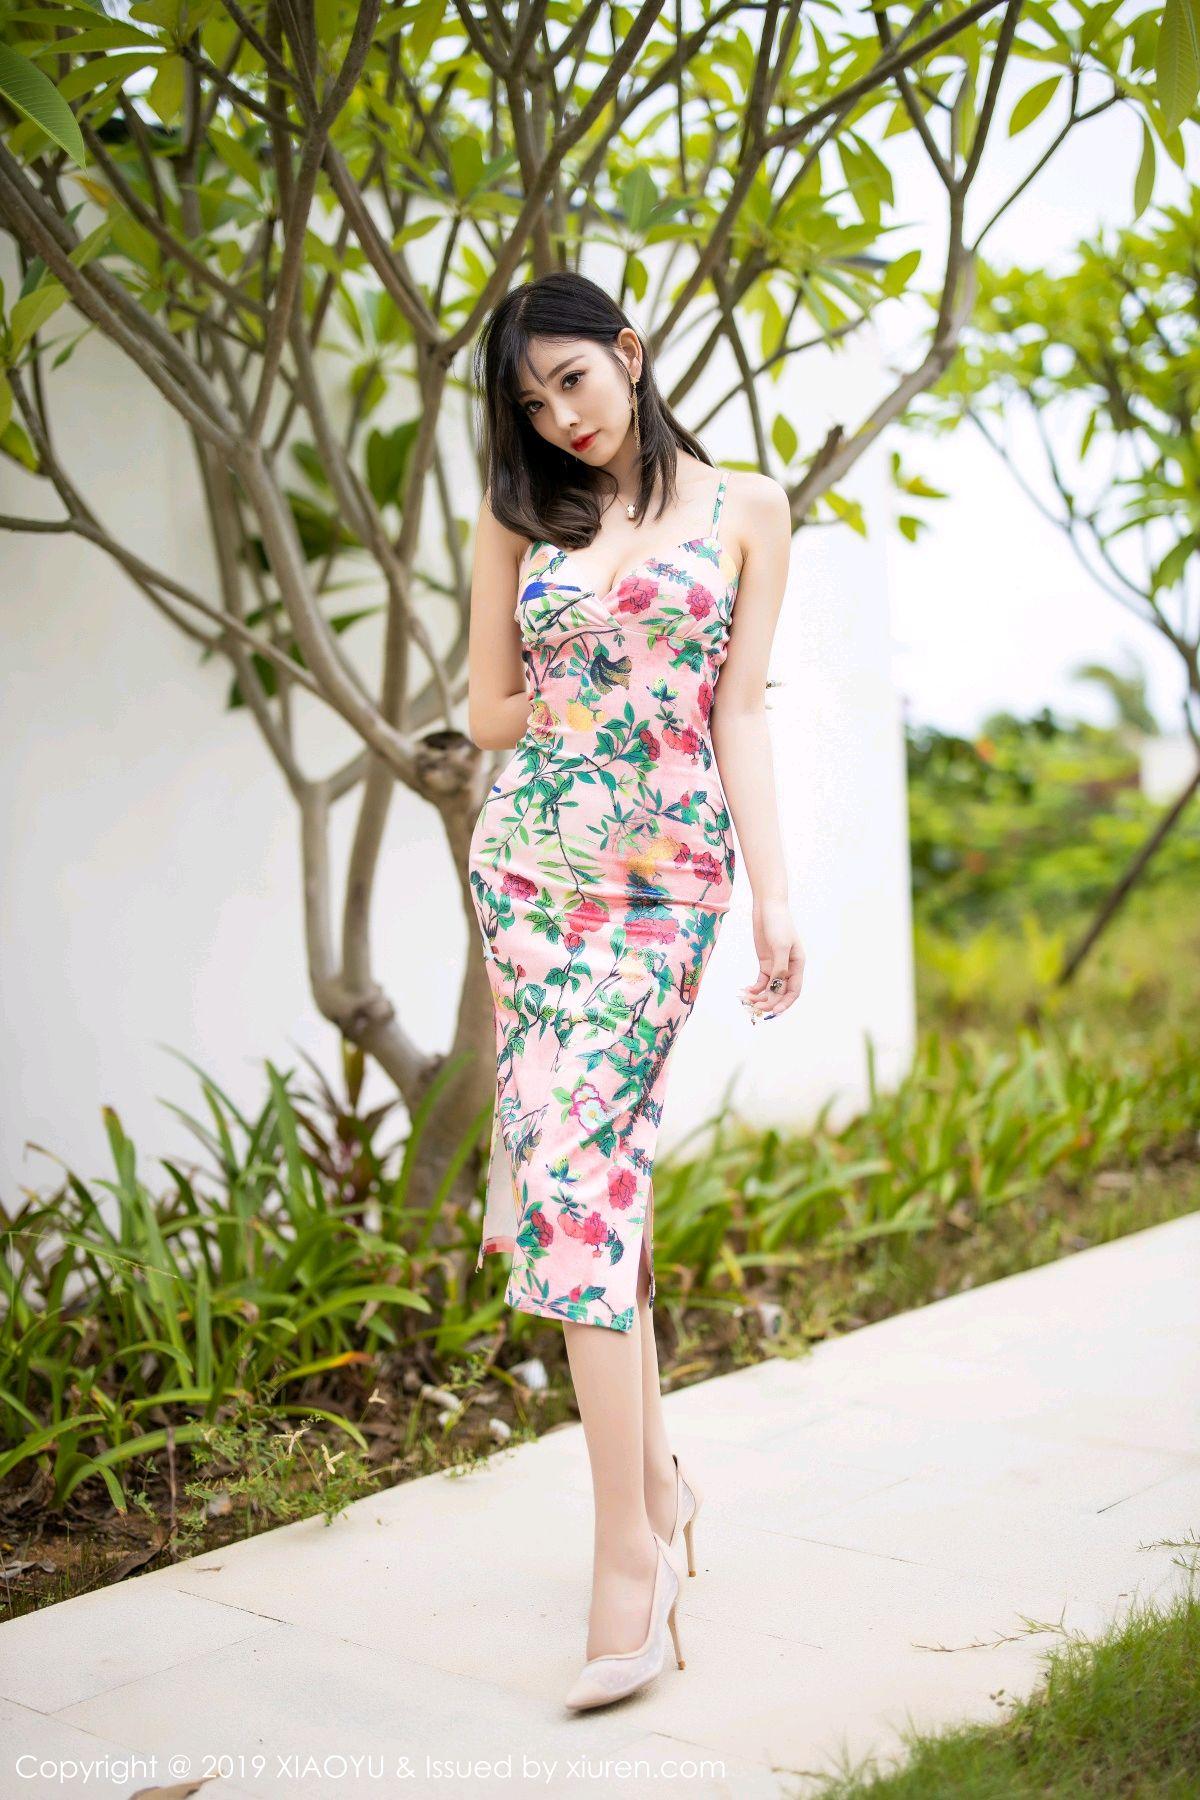 [XiaoYu] Vol.194 Yang Chen Chen 5P, Bikini, XiaoYu, Yang Chen Chen